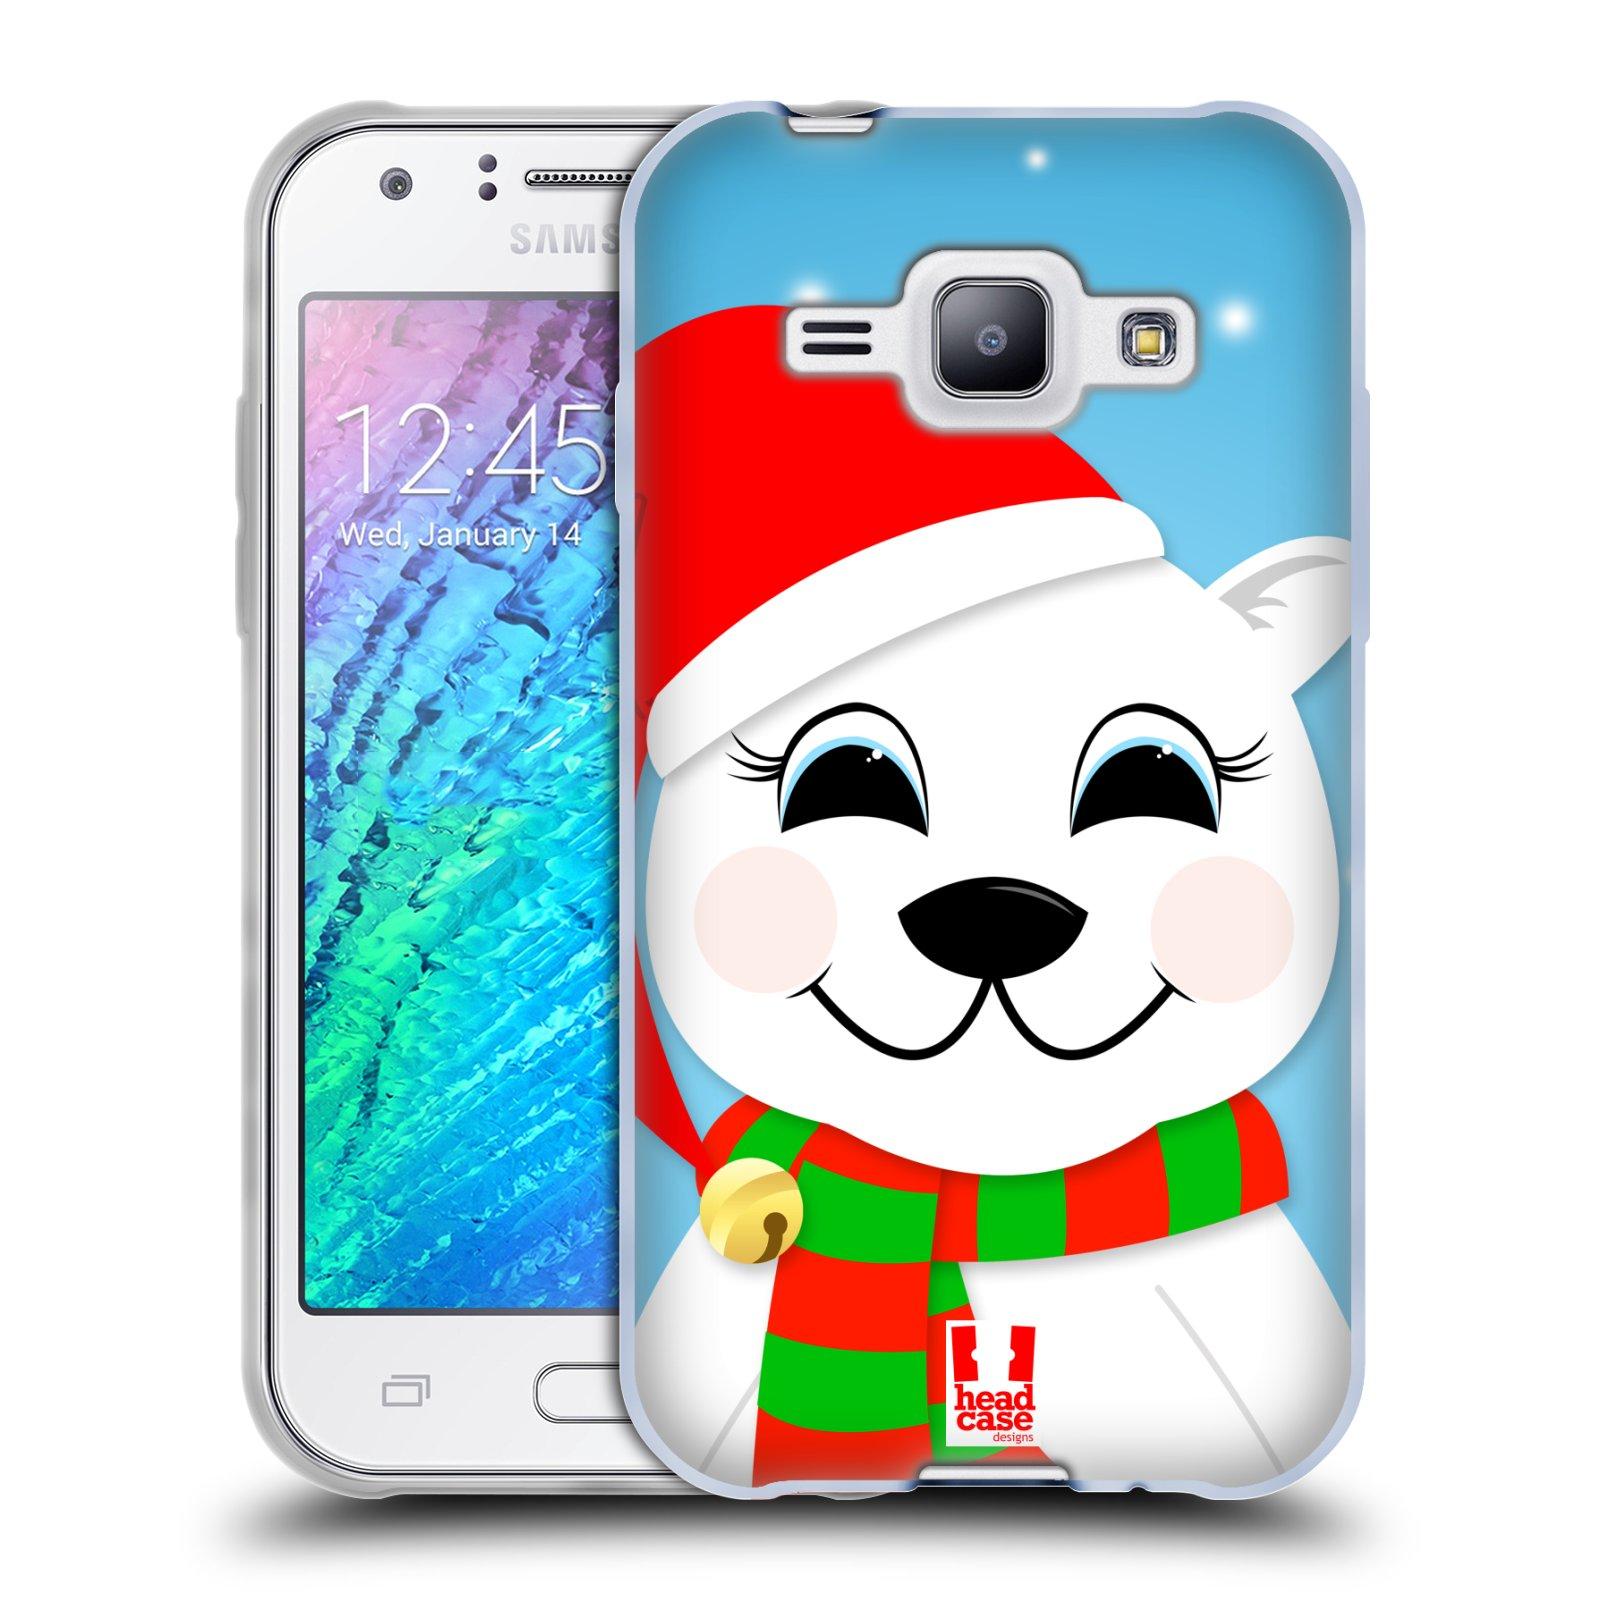 Silikonové pouzdro na mobil Samsung Galaxy J1 HEAD CASE VÁNOCE POLÁRNÍ MÉĎA (Silikonový kryt či obal na mobilní telefon Samsung Galaxy J1 a J1 Duos)